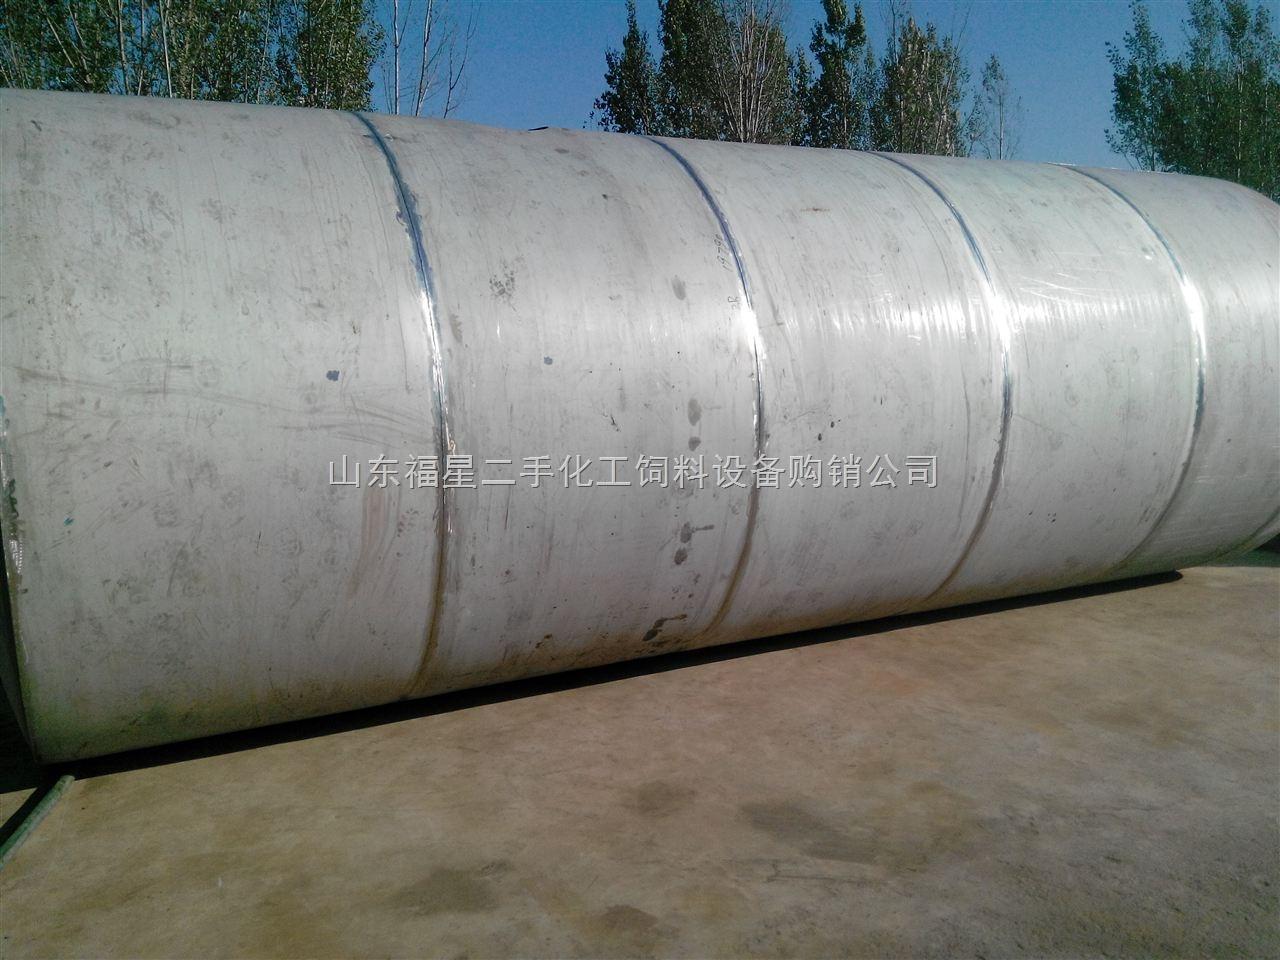 (3)储罐区排水系统应设水封井;排水管在防火堤外应